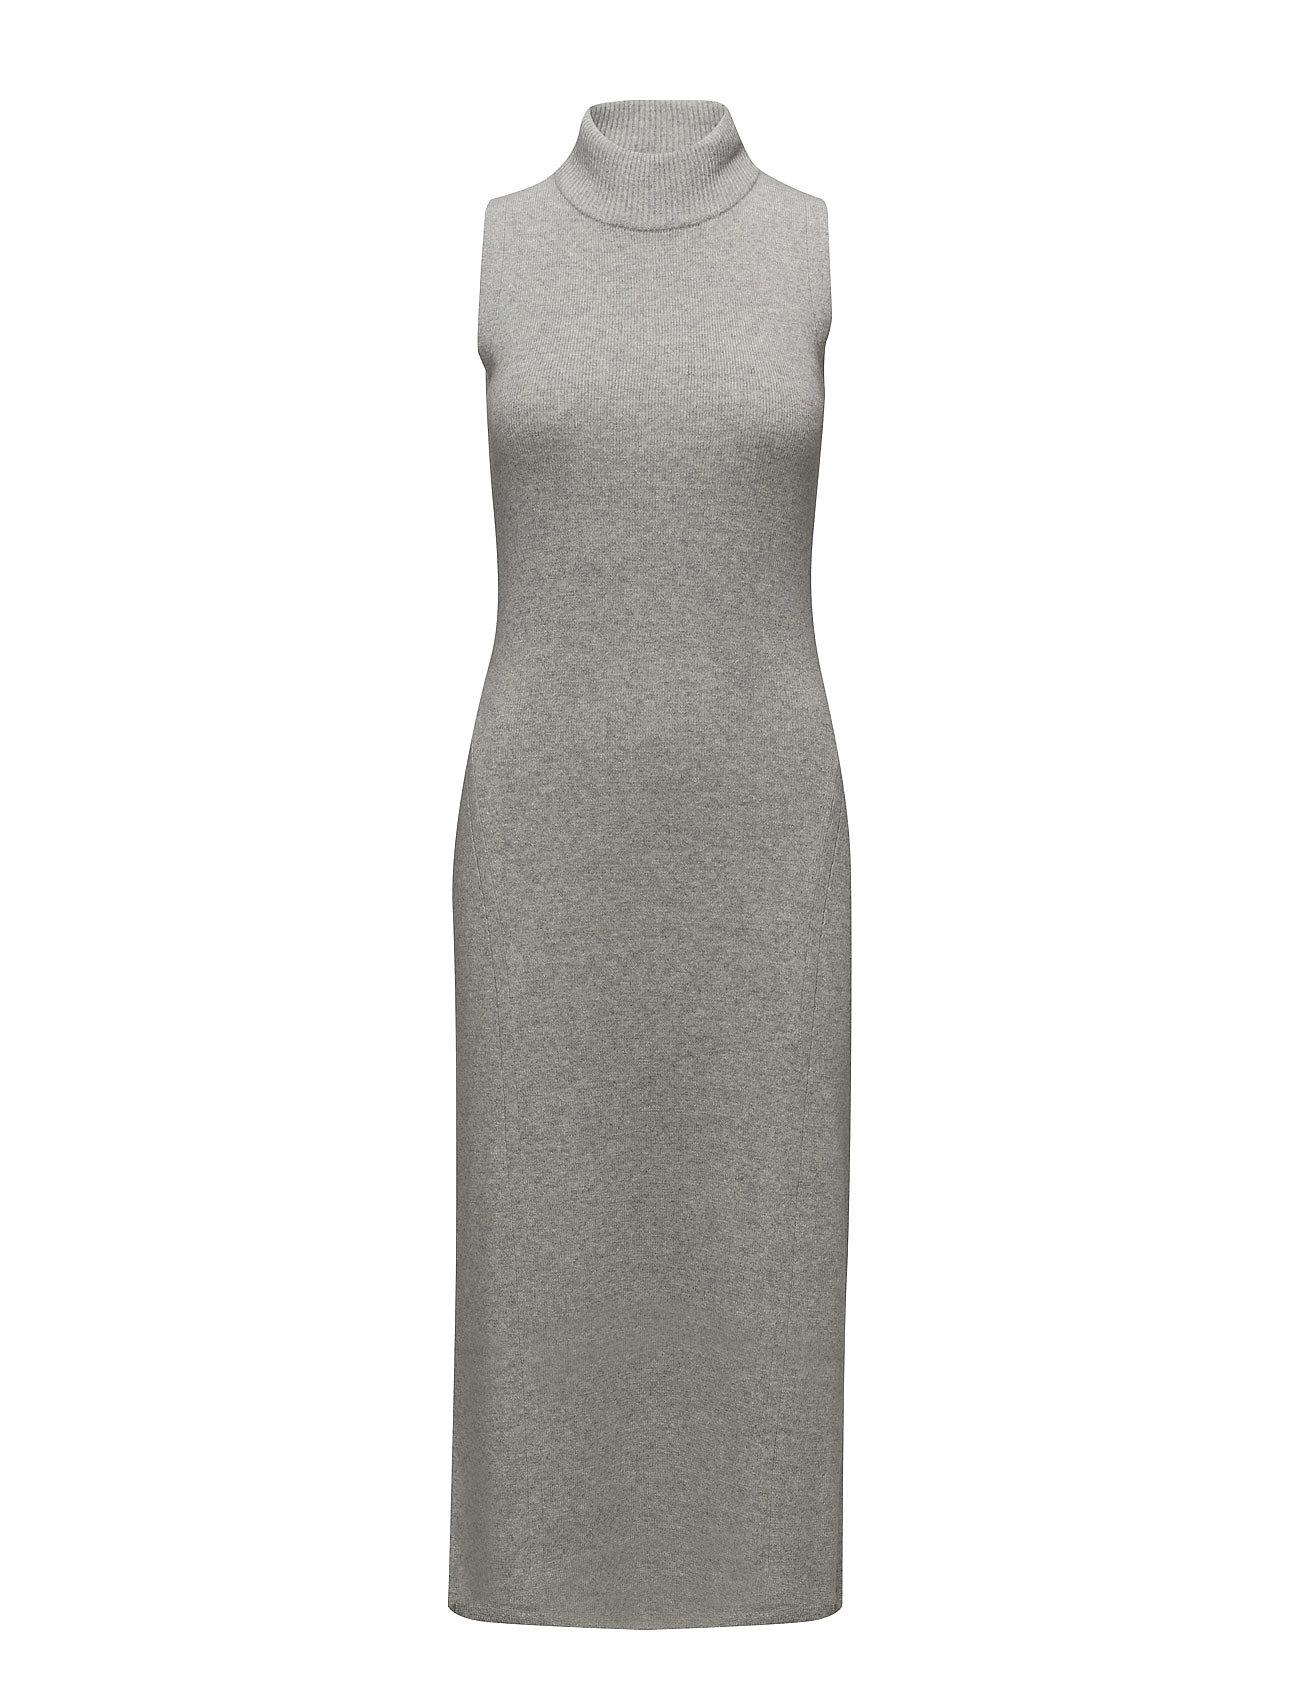 Ace Cashmere Dress rag & bone Striktøj til Damer i Lt Grey